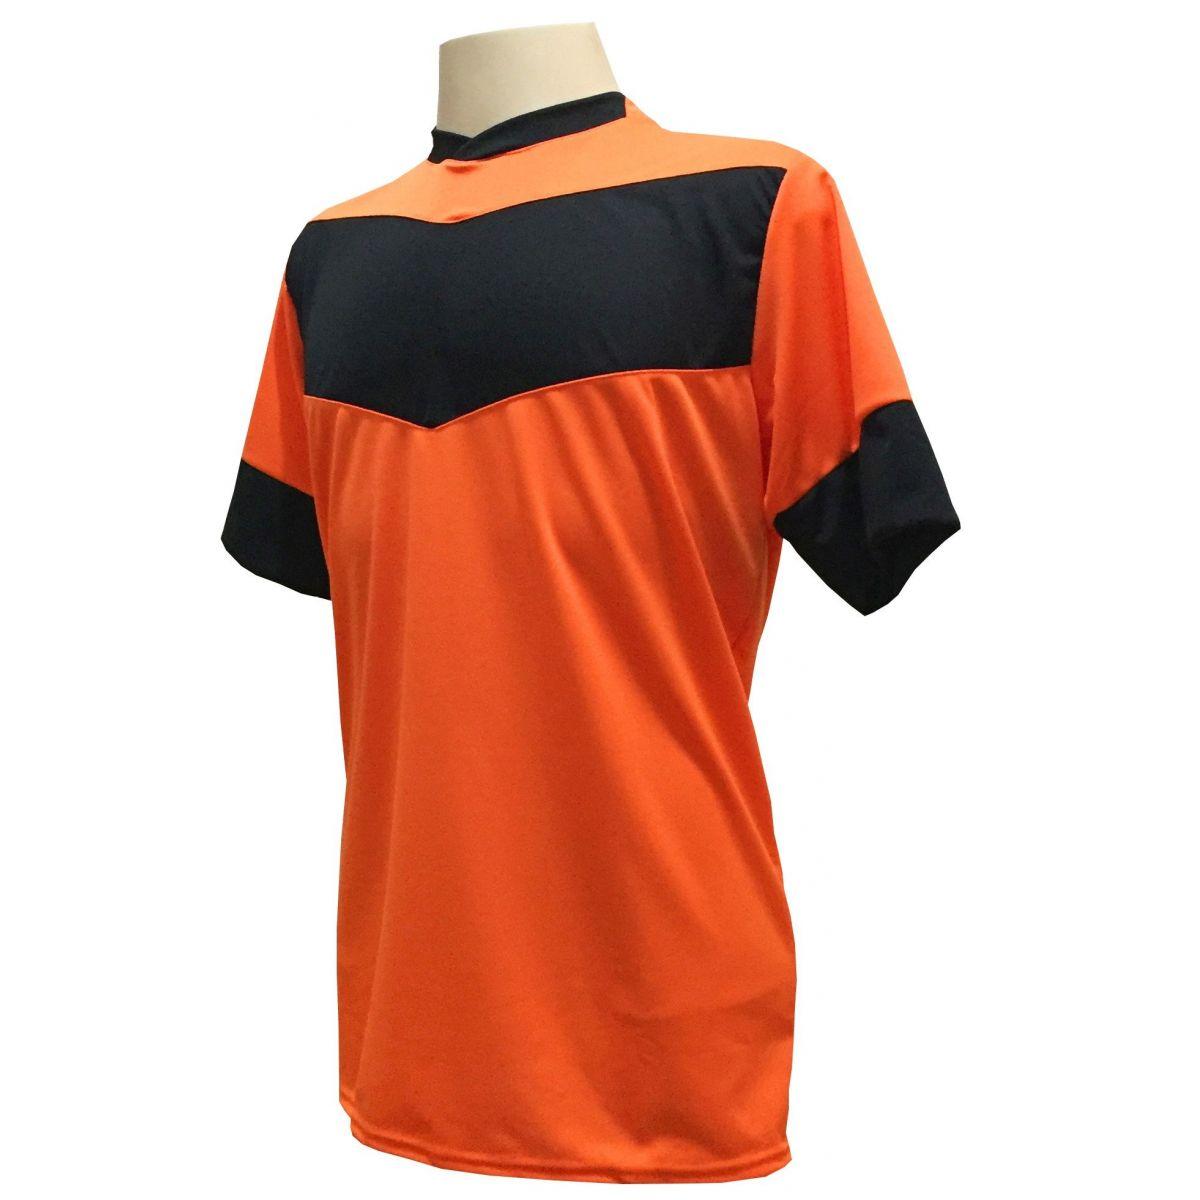 Jogo de Camisa com 18 unidades modelo Columbus Laranja/Preto + 1 Goleiro + Brindes